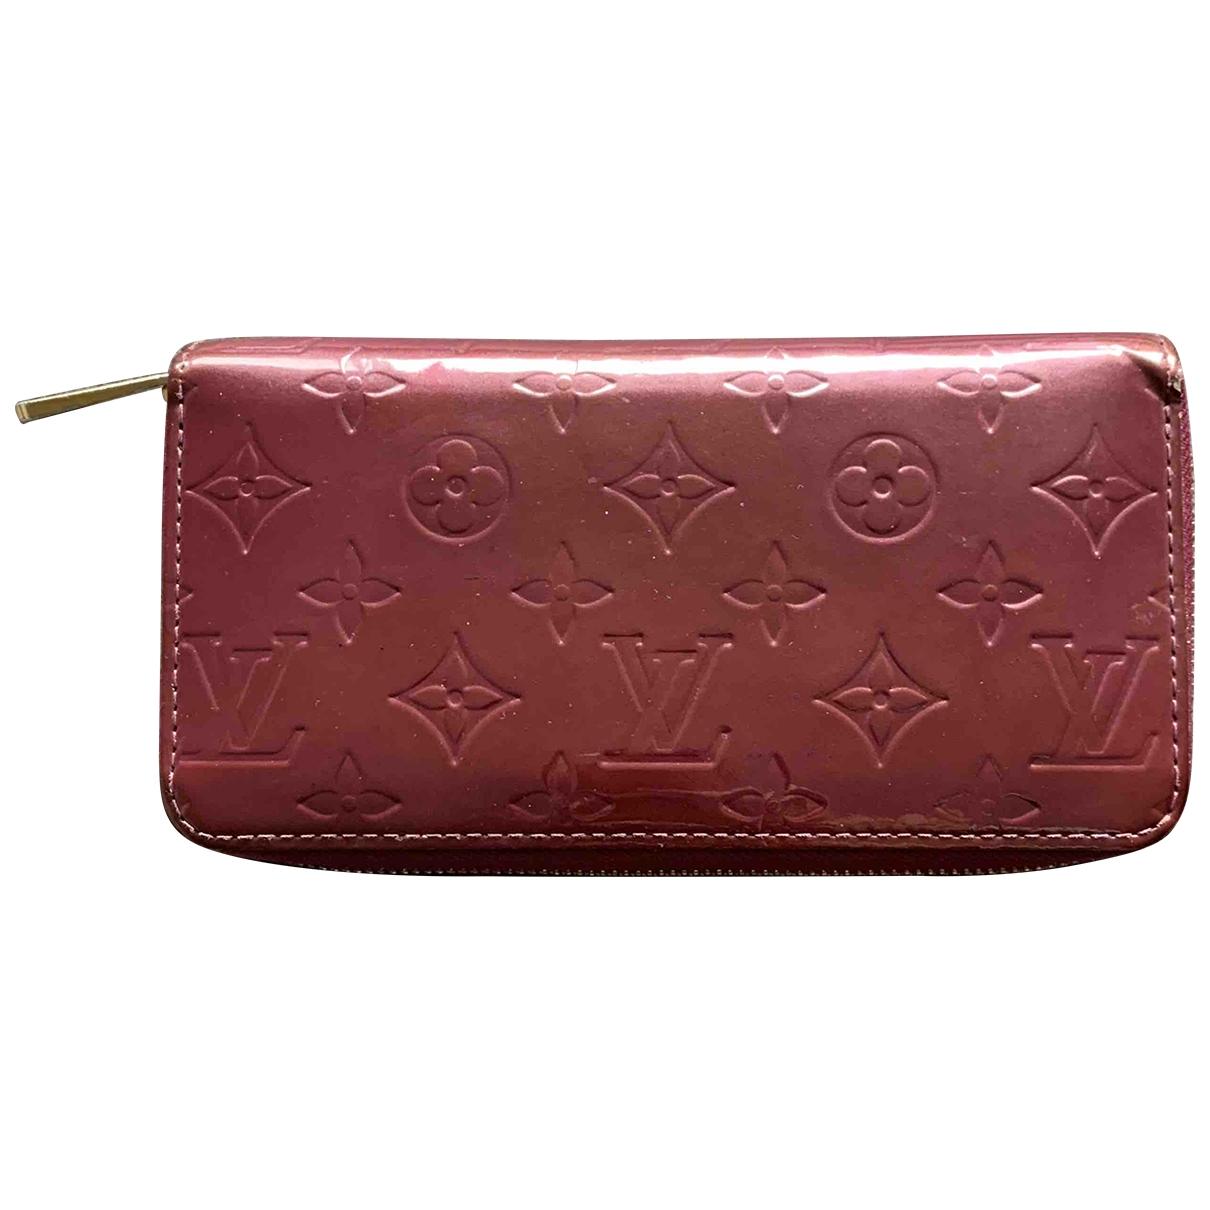 Louis Vuitton Zippy Portemonnaie in  Bordeauxrot Lackleder